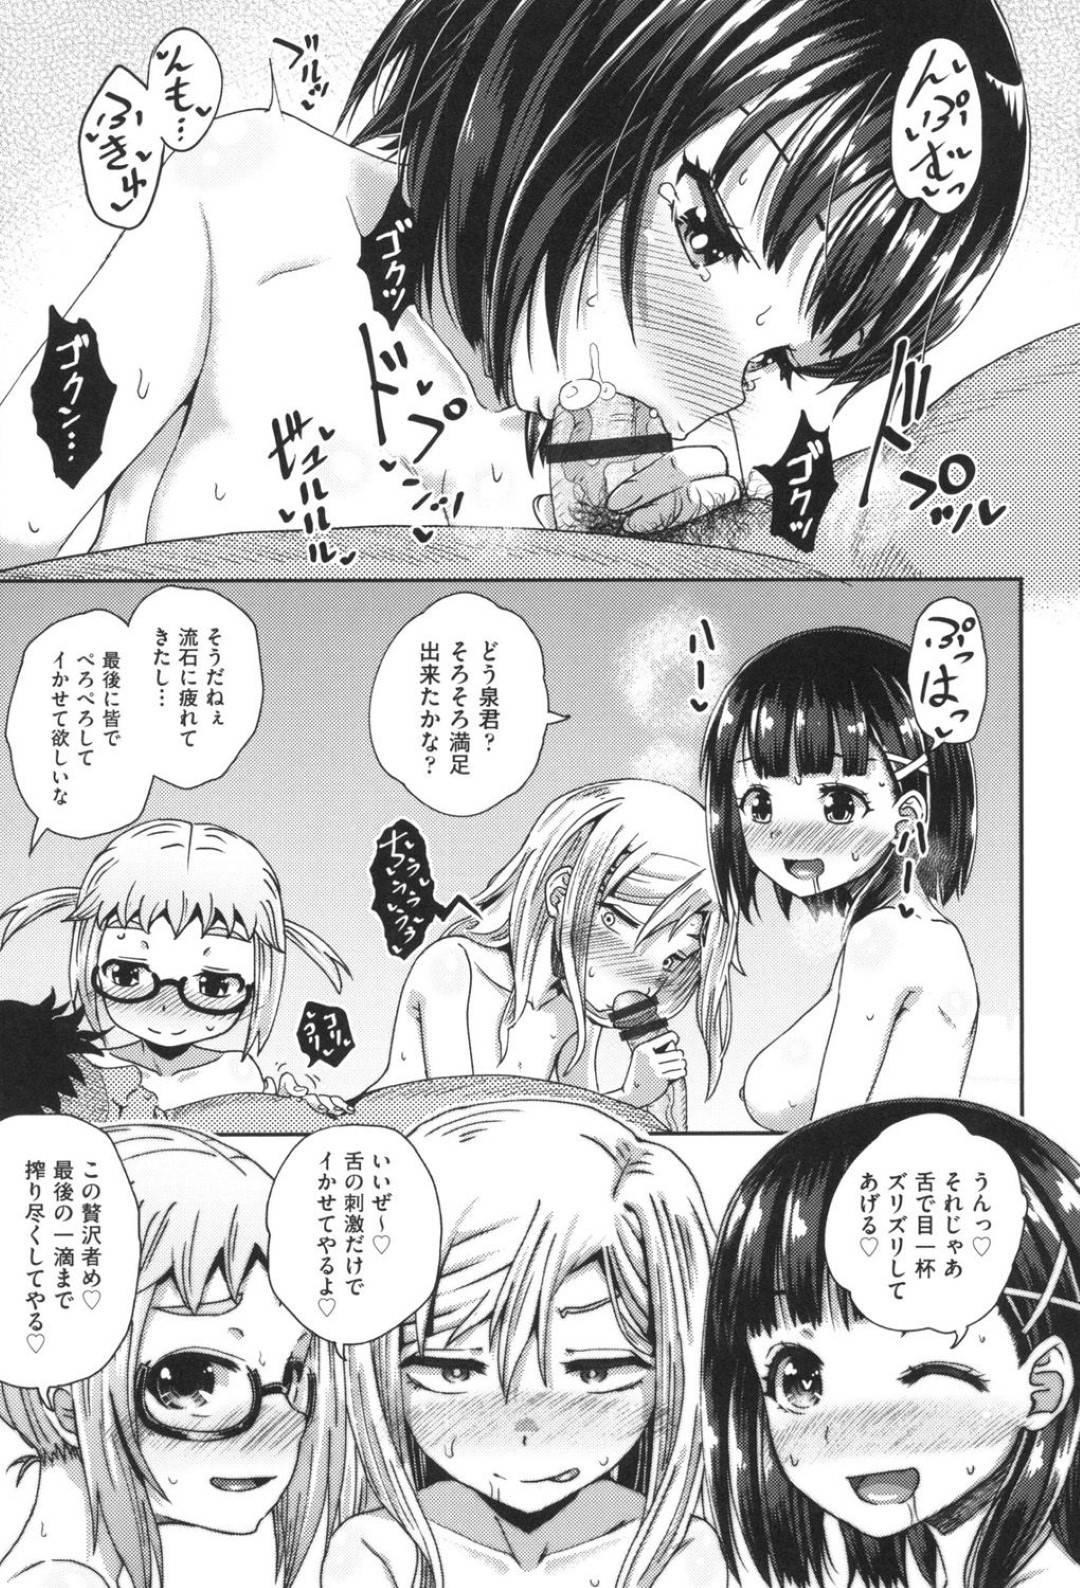 【エロ漫画】男子生徒は催眠術で女生徒たちを性奴隷にさせ、男の夢学園を築いて、毎日どこでもSEX三昧の日々を送る【ぽんこっちゃん/サイミンスプレイ】